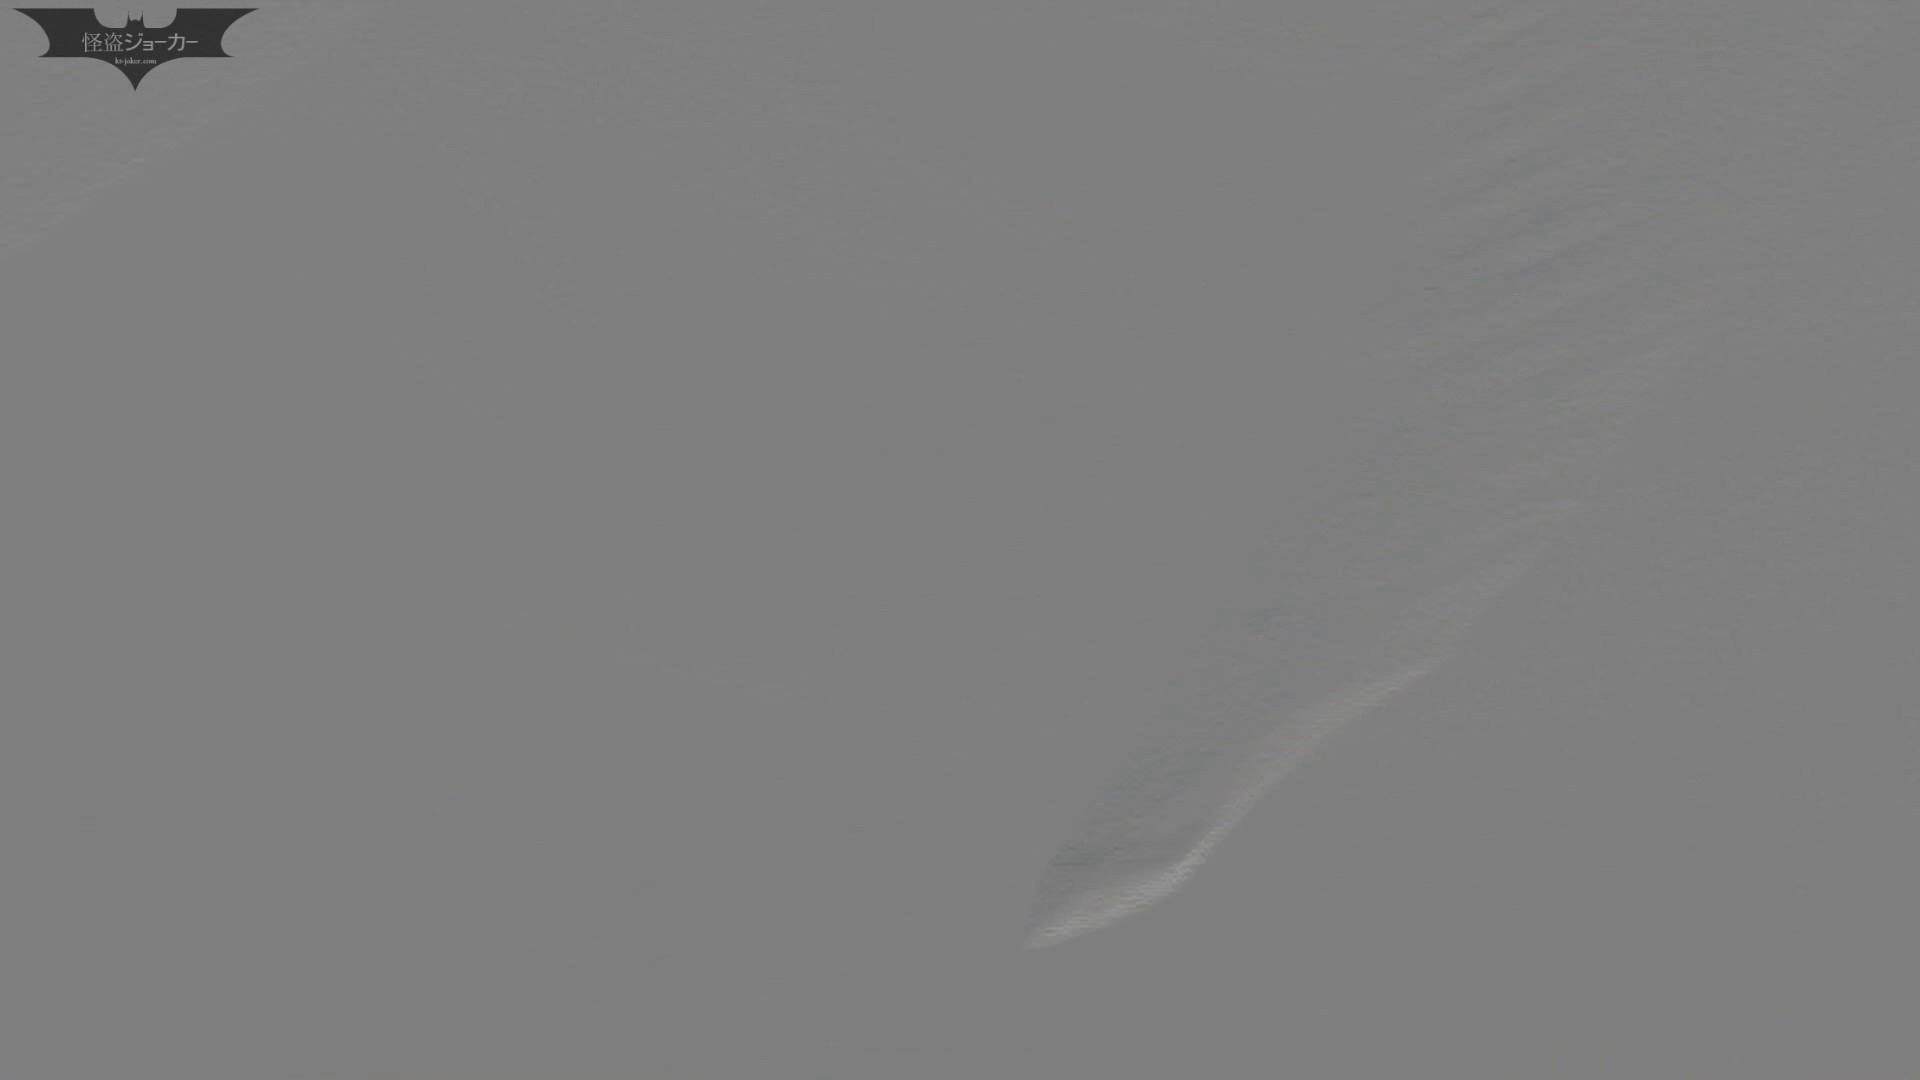 「洗面所突入レポート!!」vol.56まず並ぶ所から!決して真似しないでください エッチすぎるOL達 オメコ無修正動画無料 66連発 5